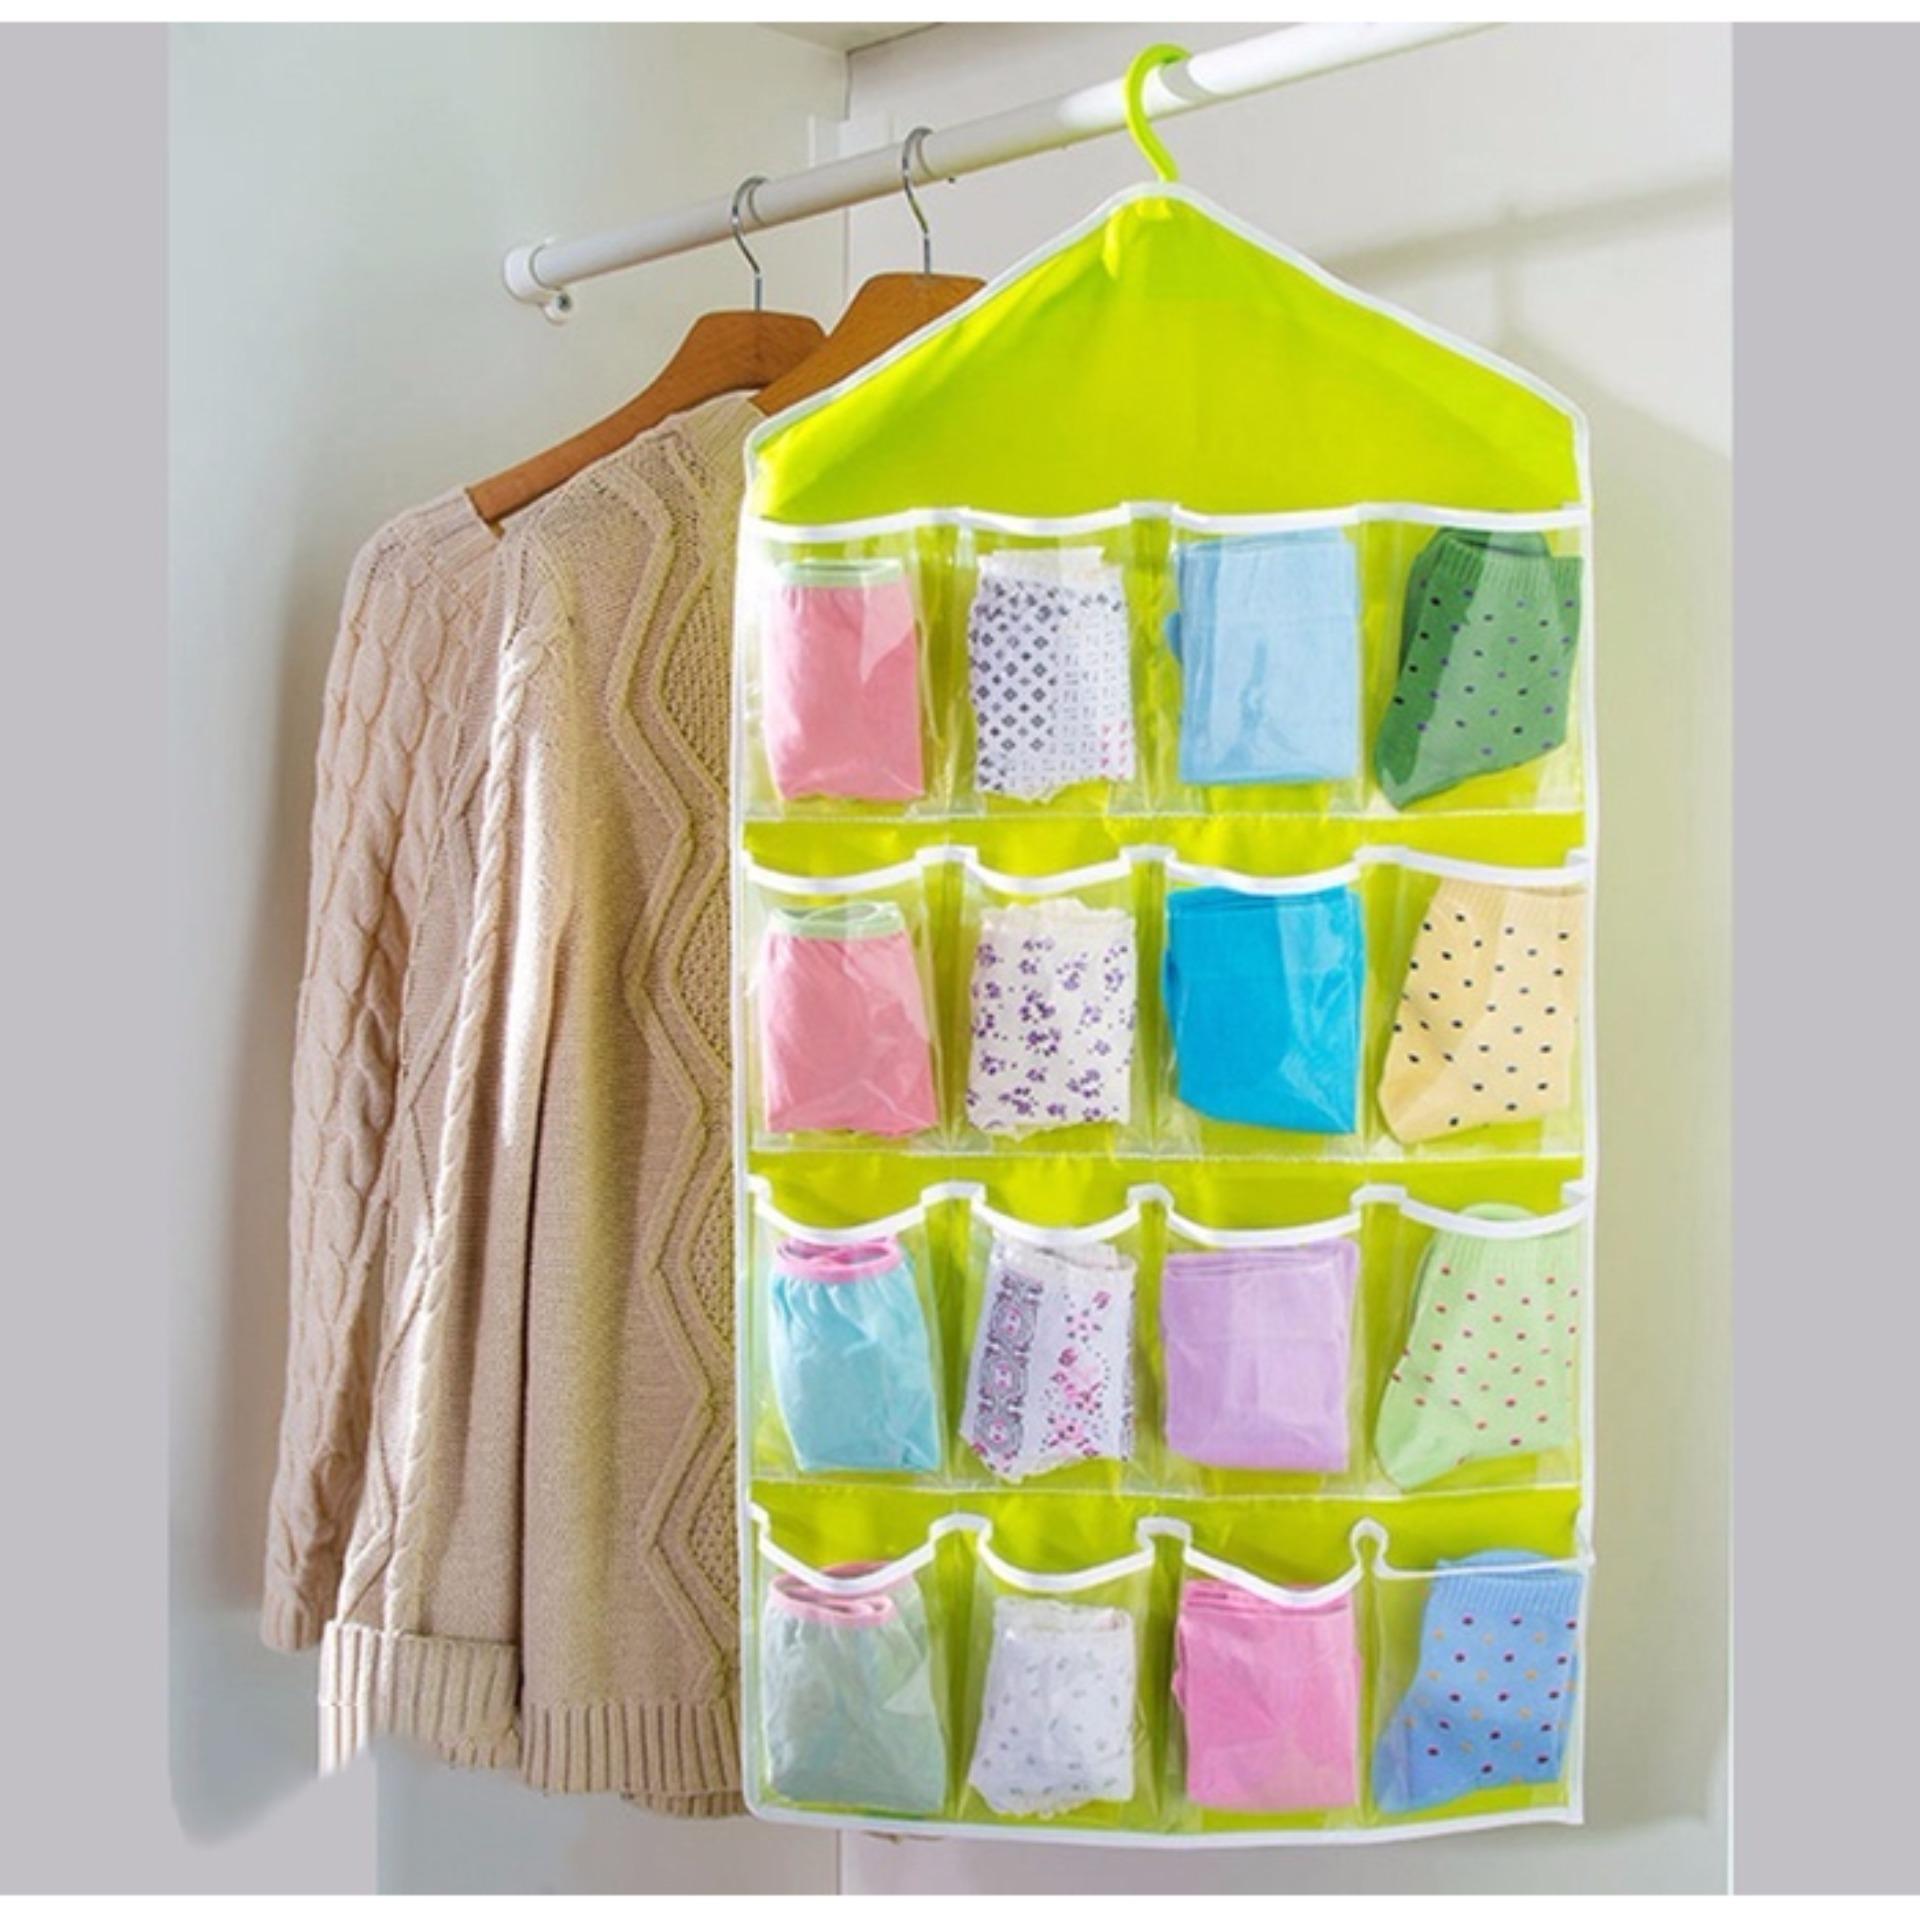 Túi vải treo đồ 16 ngăn đa năng tiện dụng